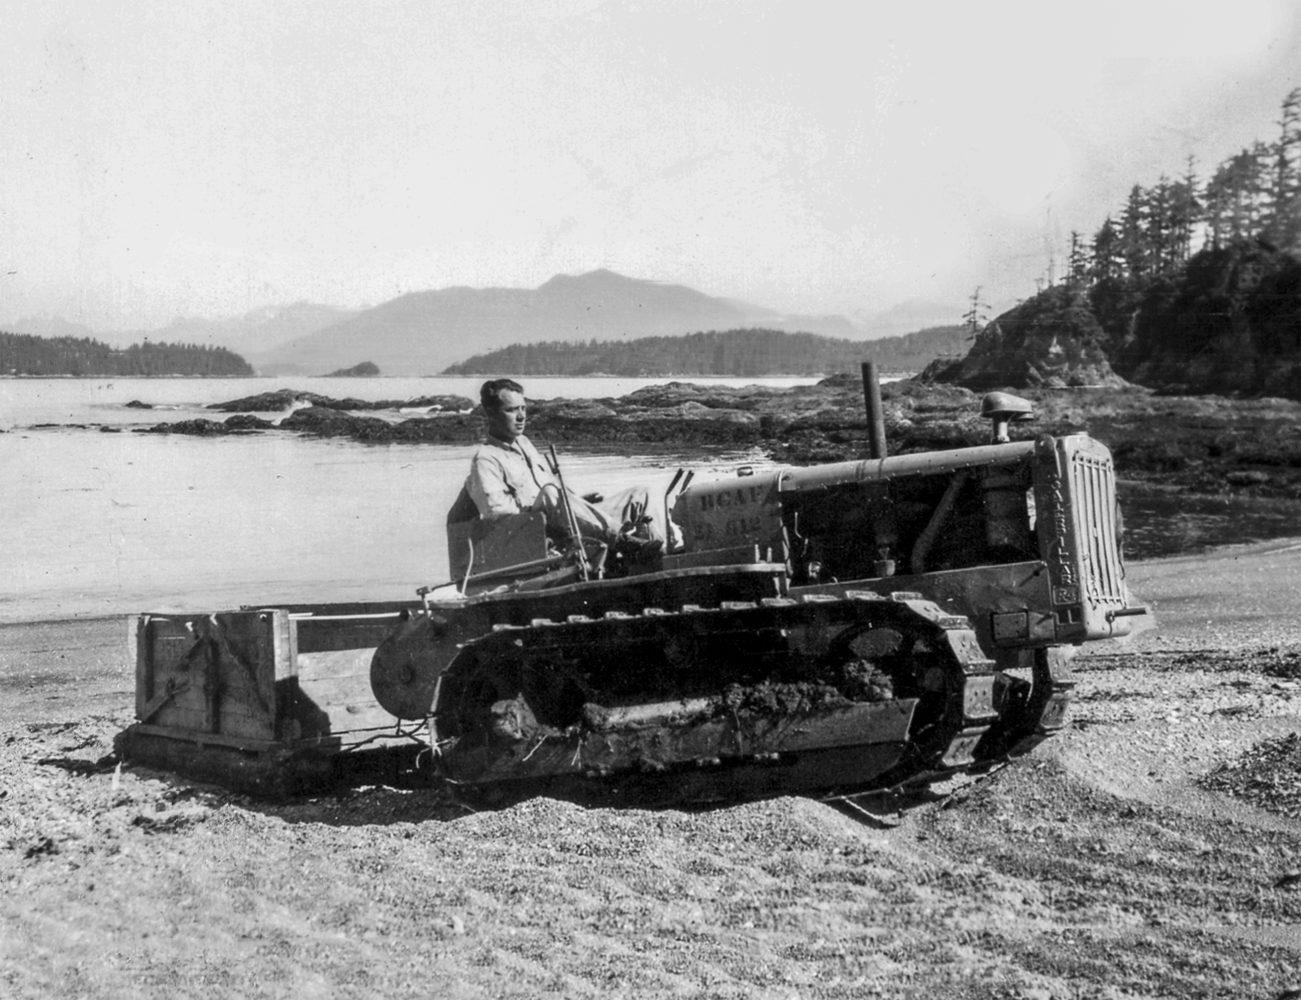 #10 - Moving supplies, World War II